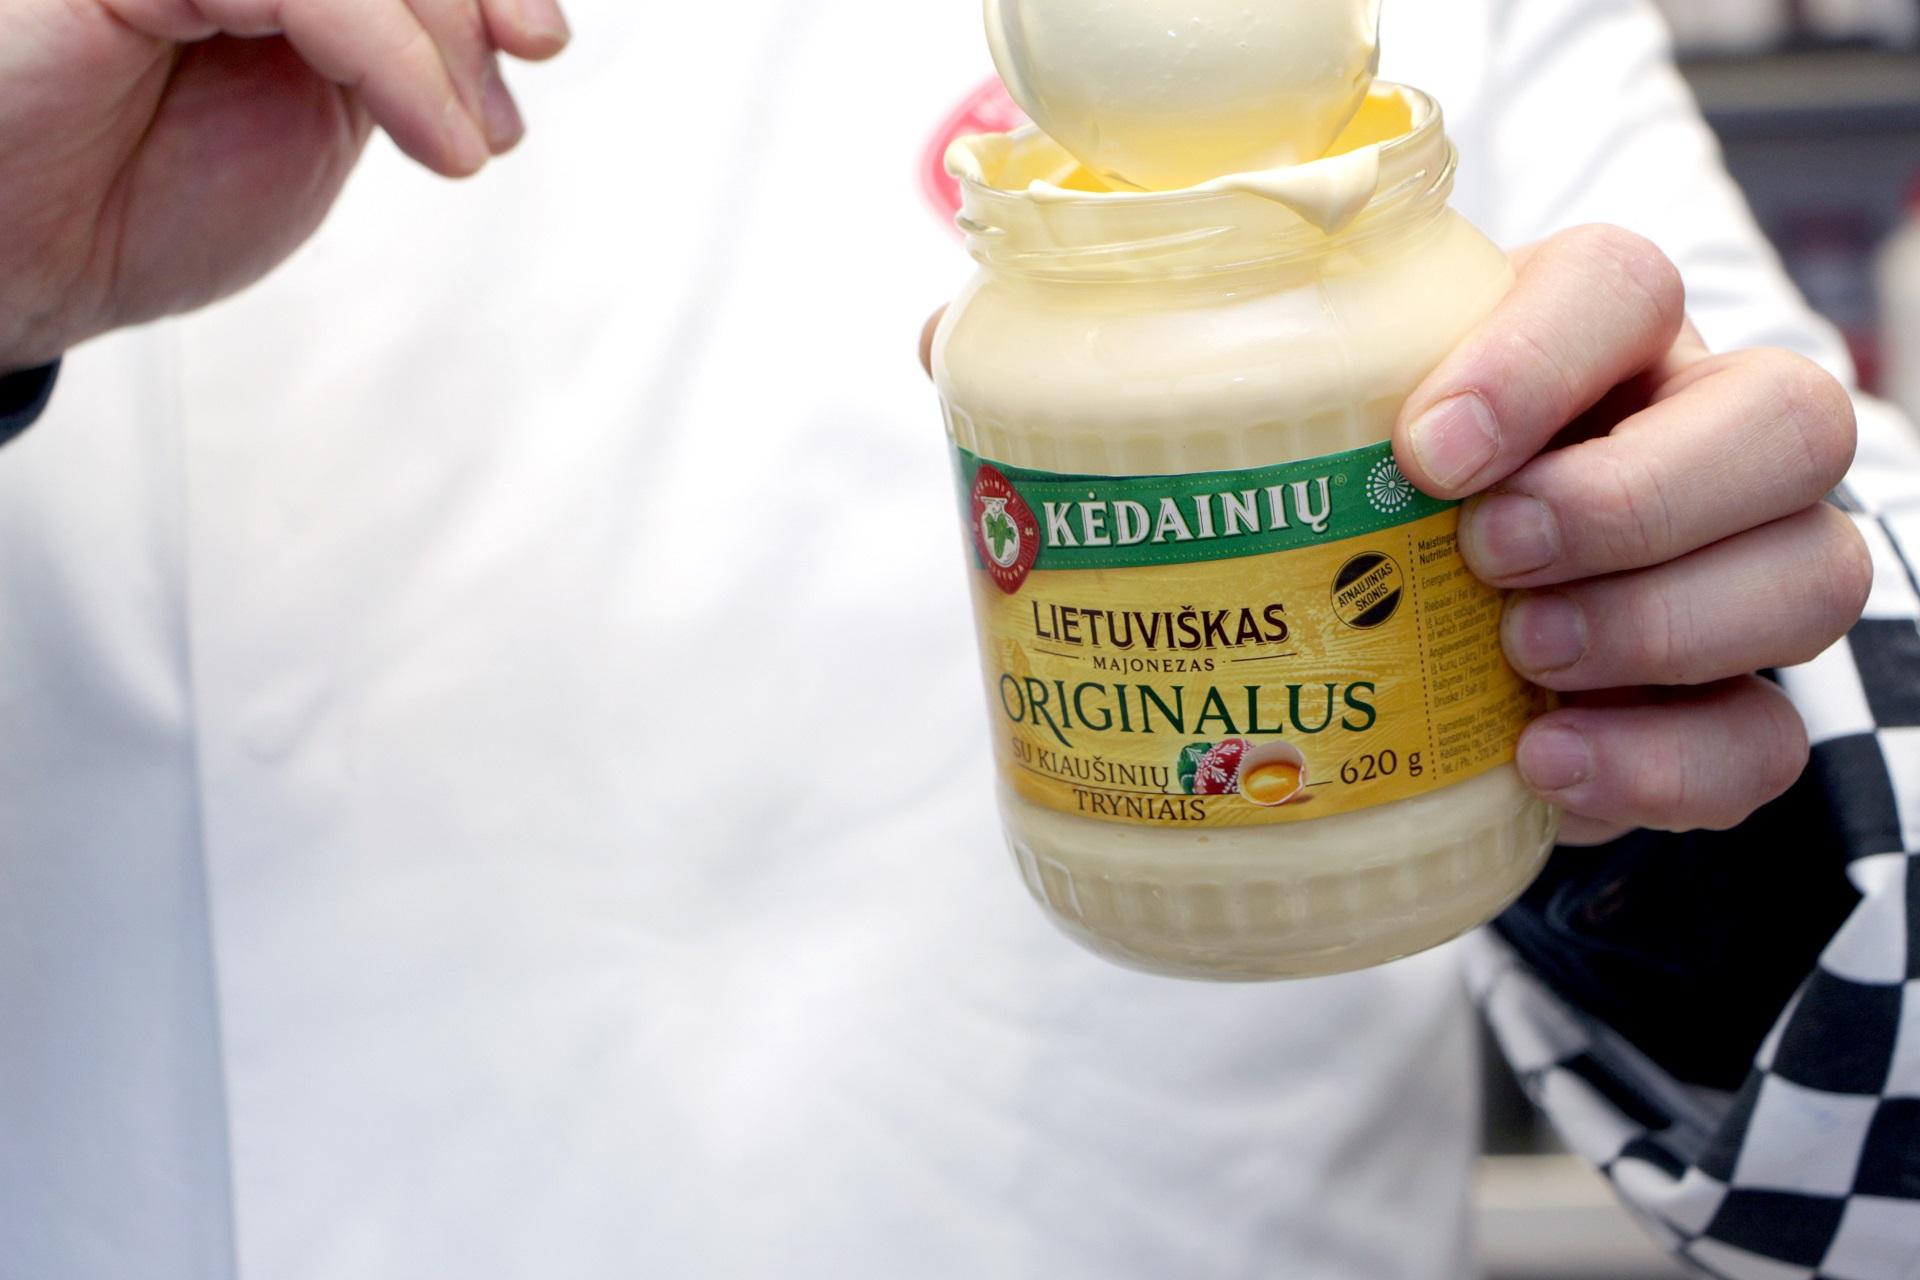 Algis Kulvietis didžiuojasi savo naujausiu kūriniu – lietuvišku originaliu majonezu su natūraliais kiaušinių tryniais. / Aldo Surkevičiaus nuotr.